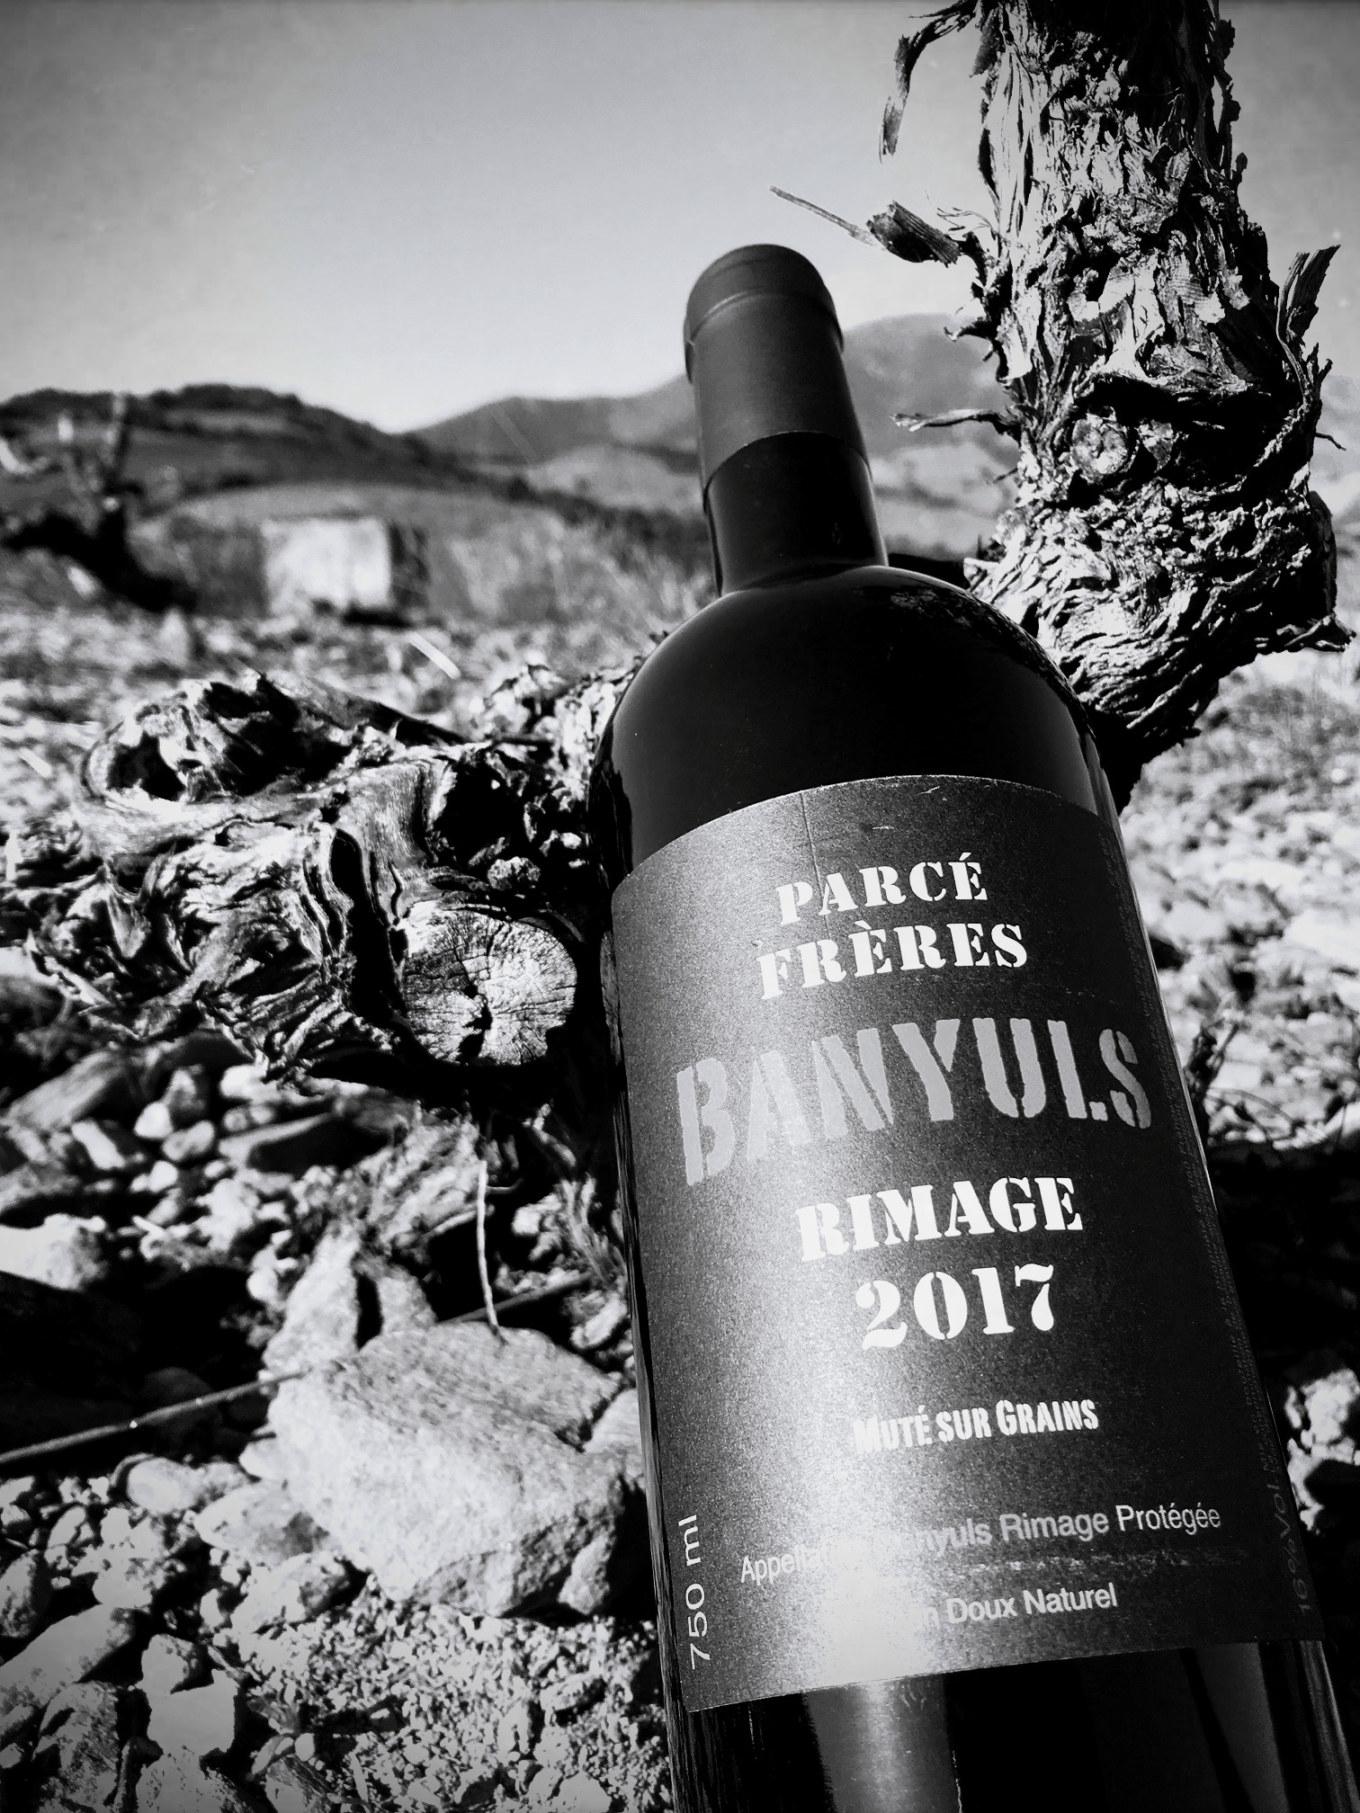 Banyuls Rimage 2017 – Maison Parcé Frères